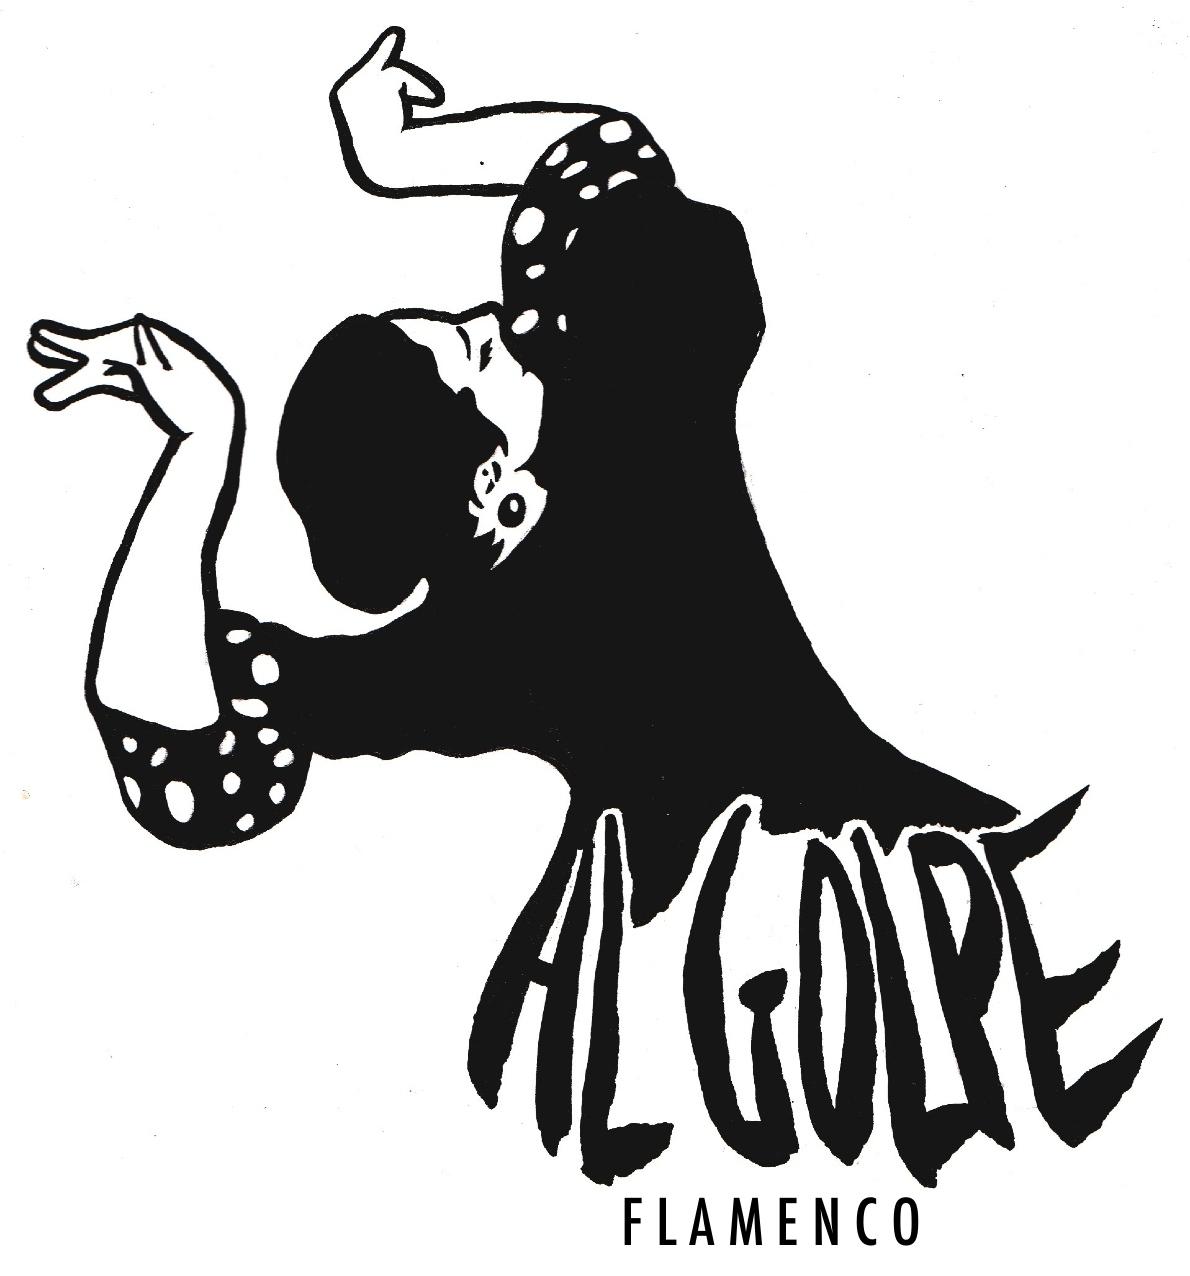 Al Golpe